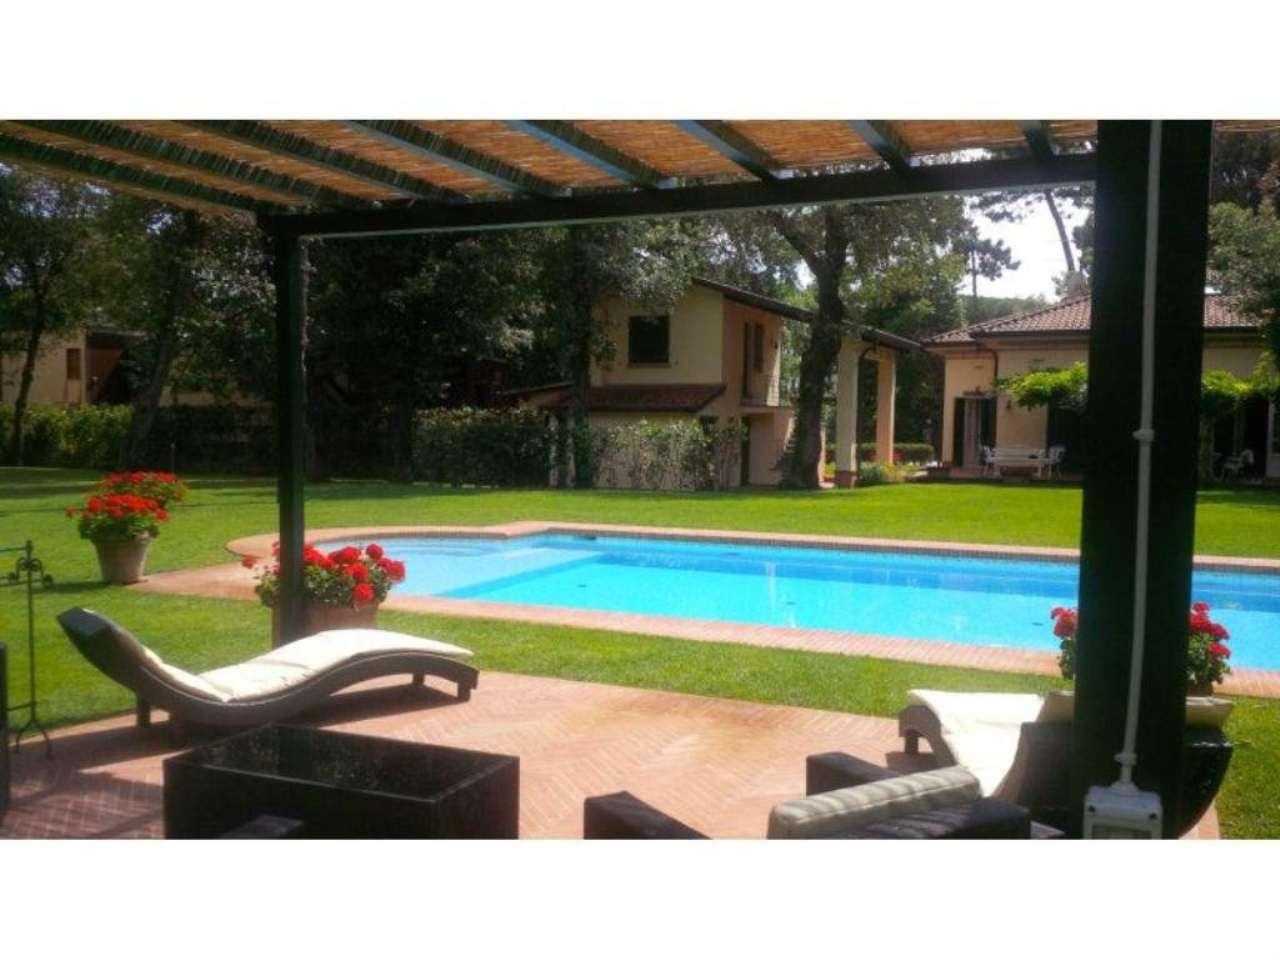 Villa in Vendita a Forte Dei Marmi: 5 locali, 255 mq